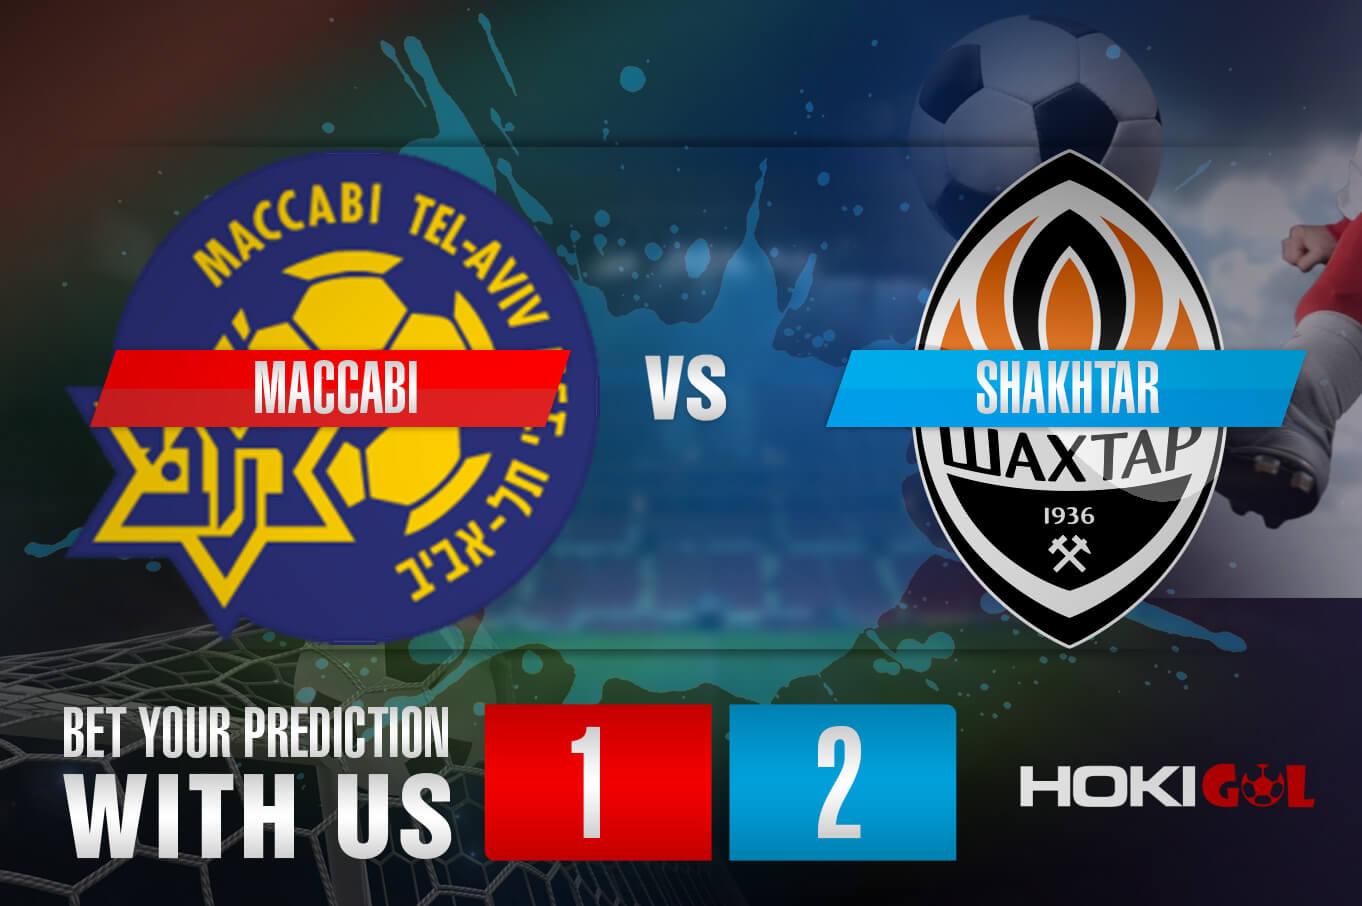 Prediksi Bola Maccabi Vs Shakhtar 19 Februari 2021